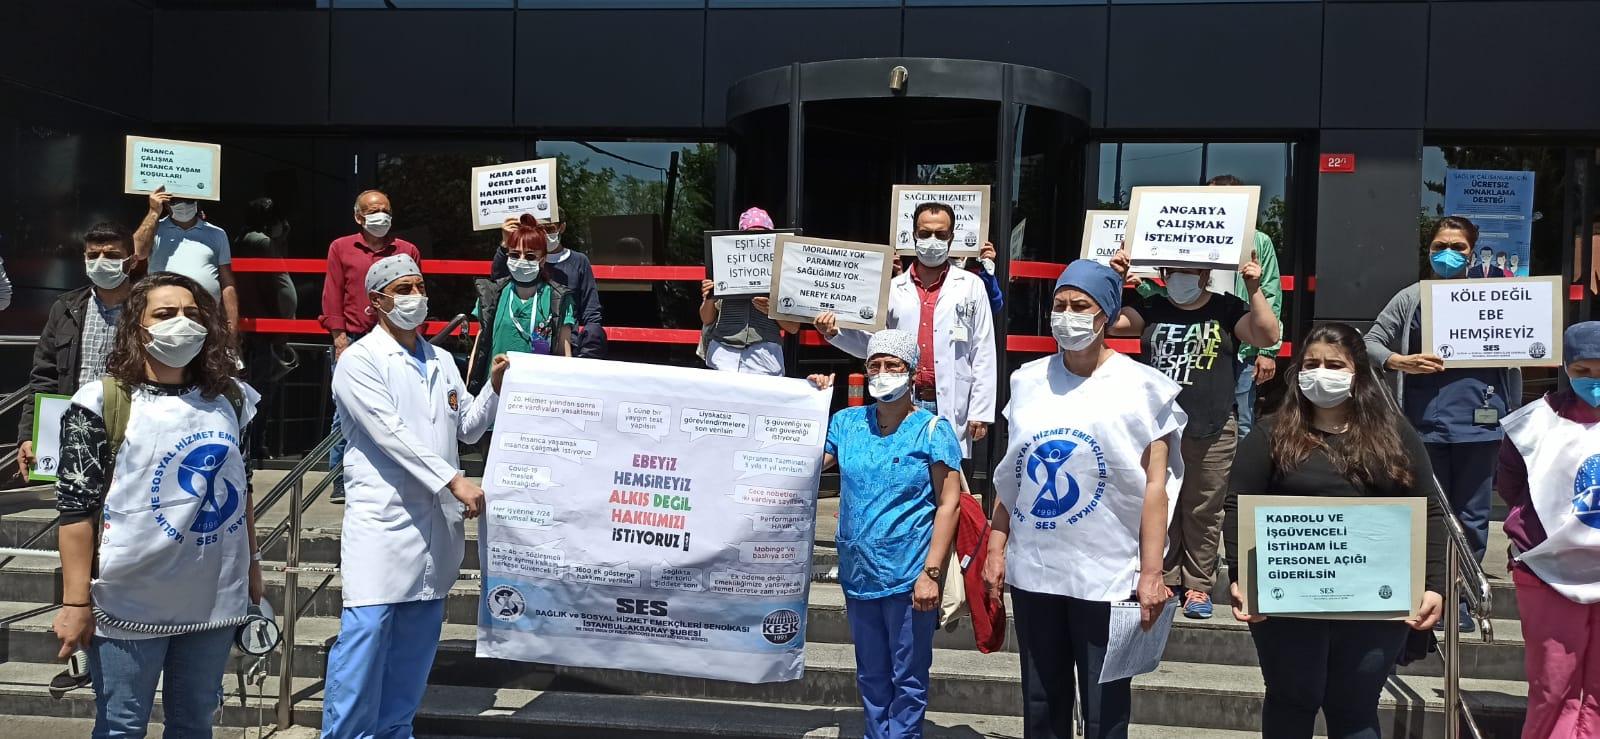 İstanbul Aksaray Şubemiz Ebe ve Hemşirelerin Hakları İçin Hastane Önünde Eylem Yaptı